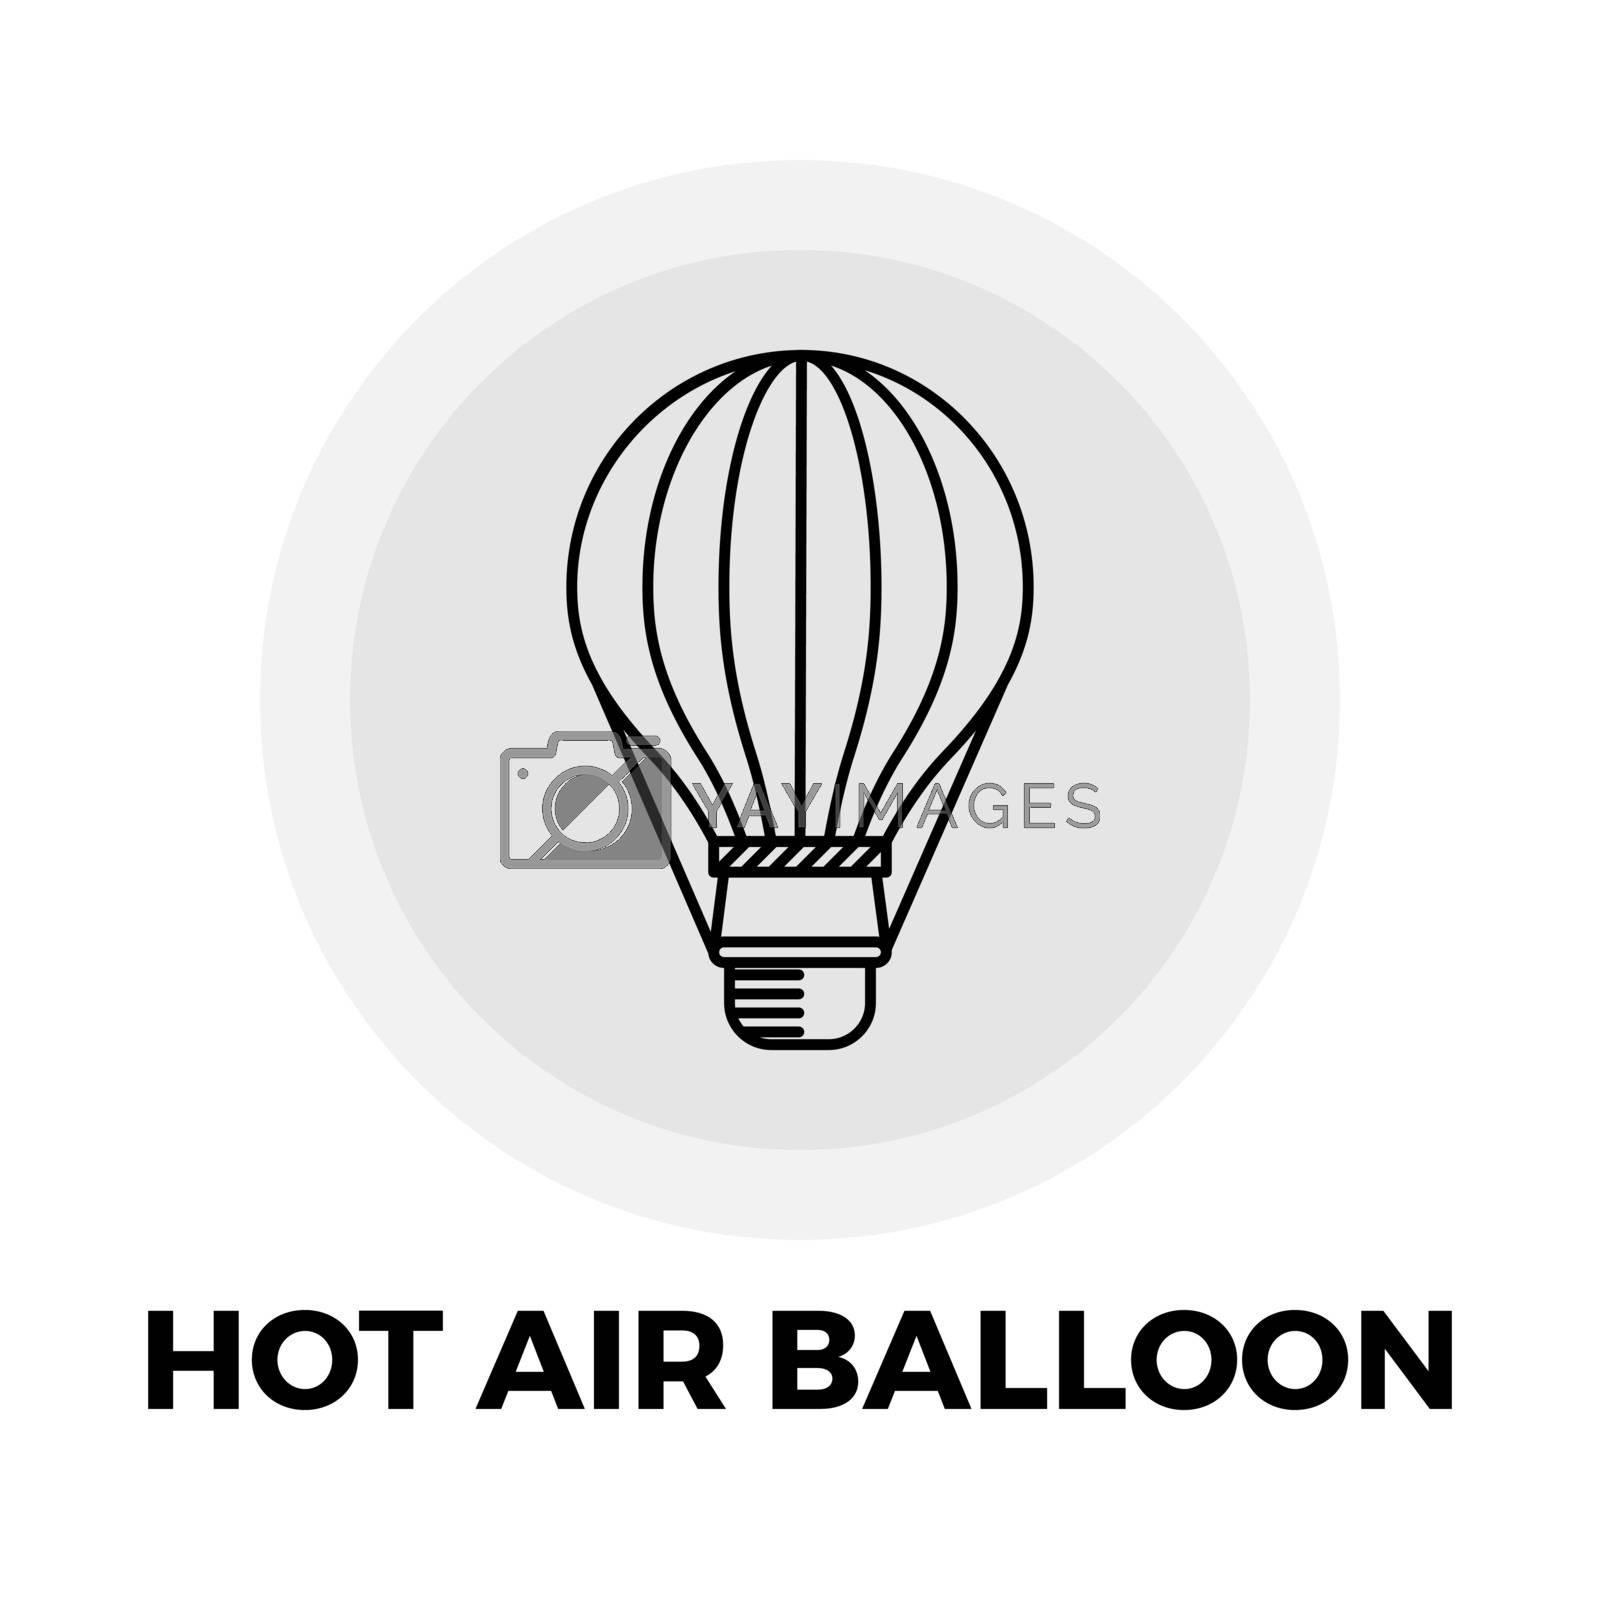 Hot Air Balloon Icon Vector. Hot Air Balloon Icon JPG. Hot Air Balloon Icon Object. Hot Air Balloon Icon Line. Hot Air Balloon Icon Image. Hot Air Balloon Icon Graphic. Hot Air Balloon Icon EPS.